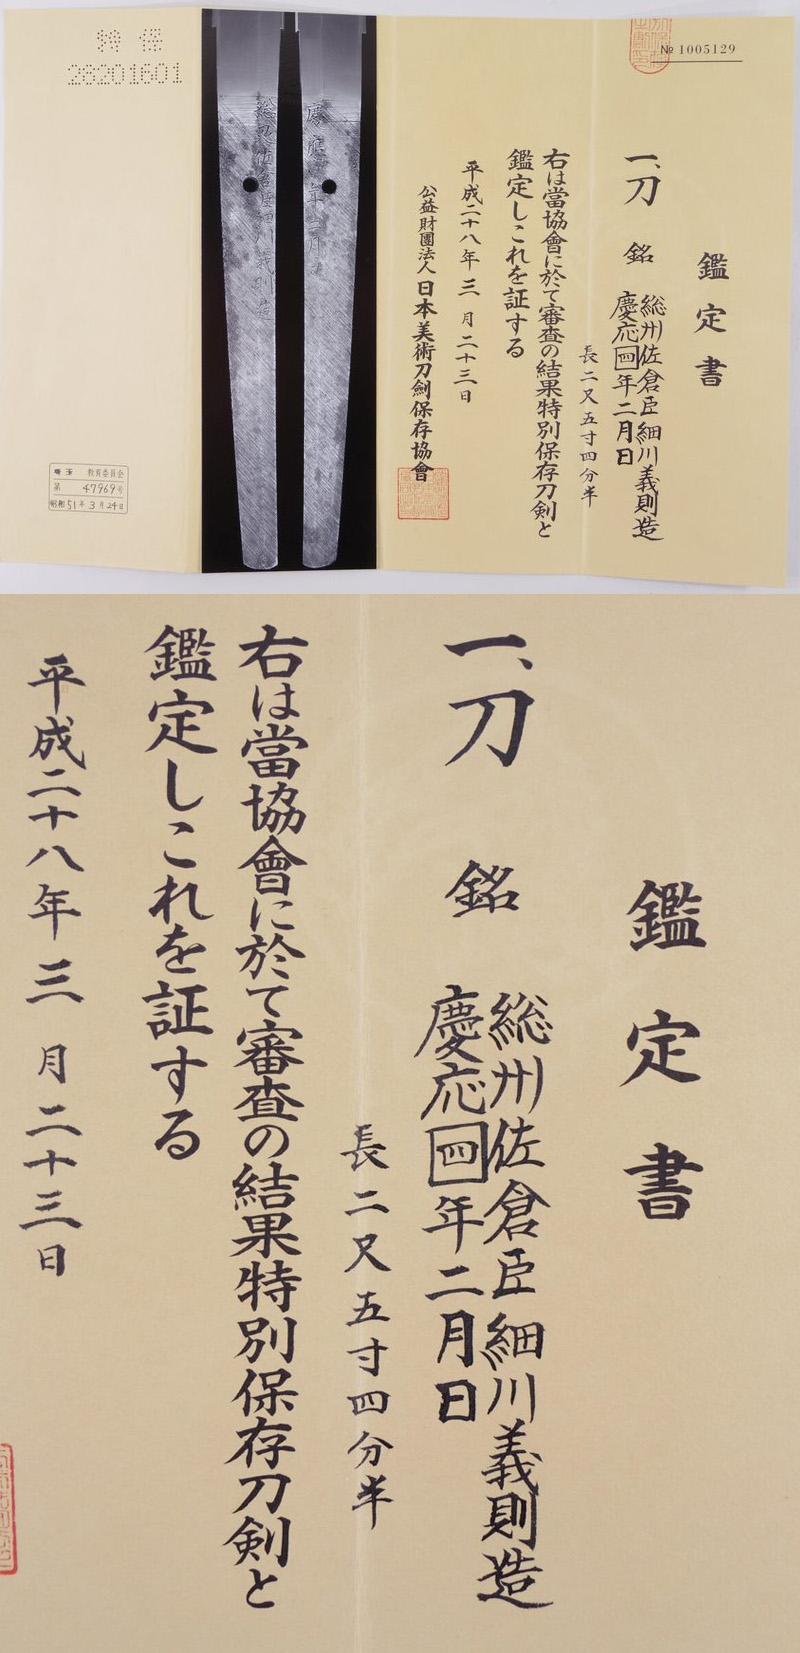 刀 総州佐倉臣細川義則造 (佐倉藩工)  慶応四年二月日 Picture of Certificate